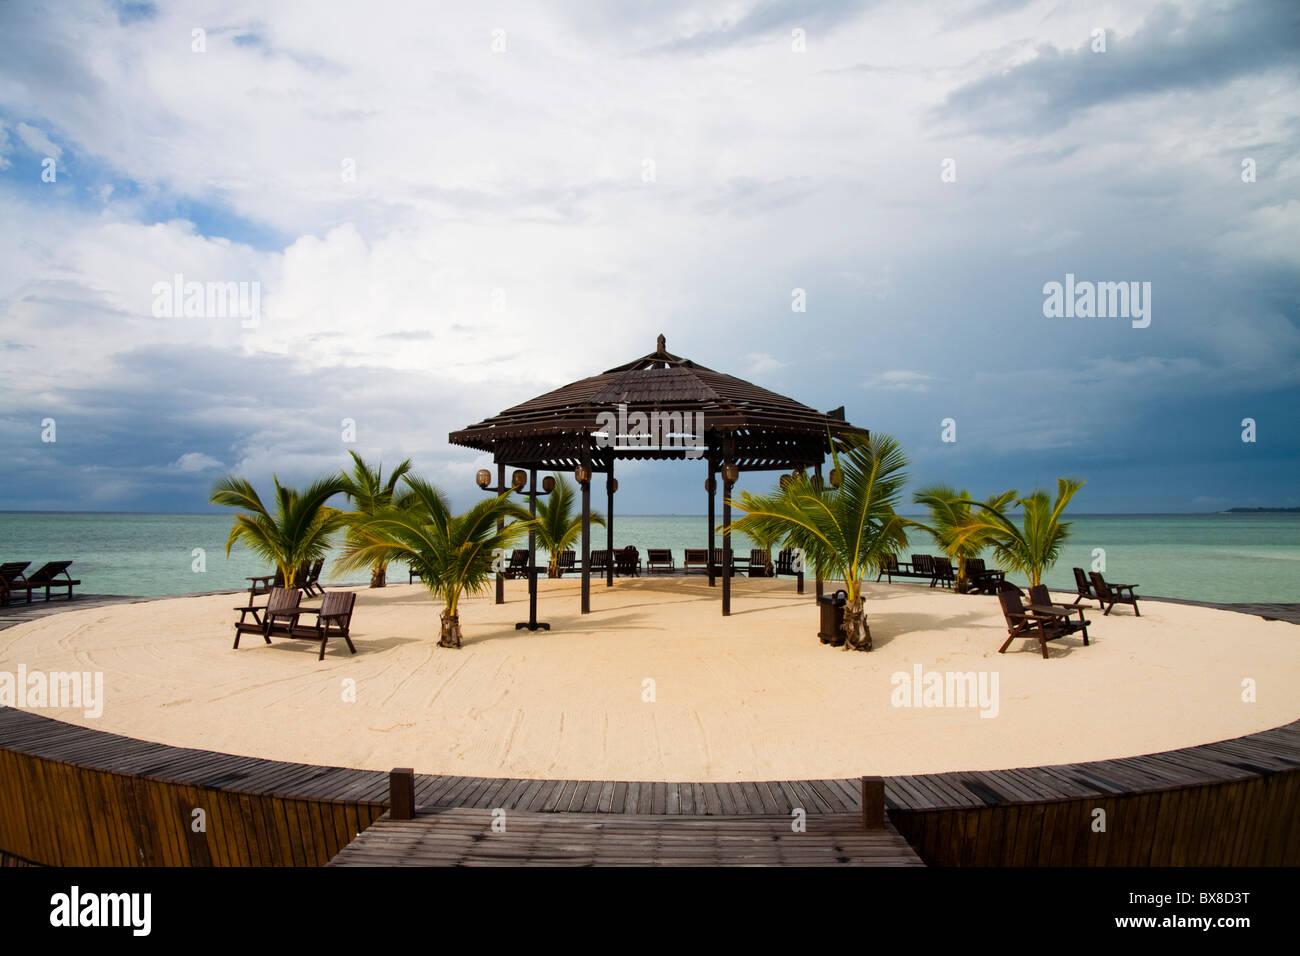 Sipadan kapalai dive resort stock photos sipadan kapalai dive resort stock images alamy - Kapalai sipadan dive resort ...